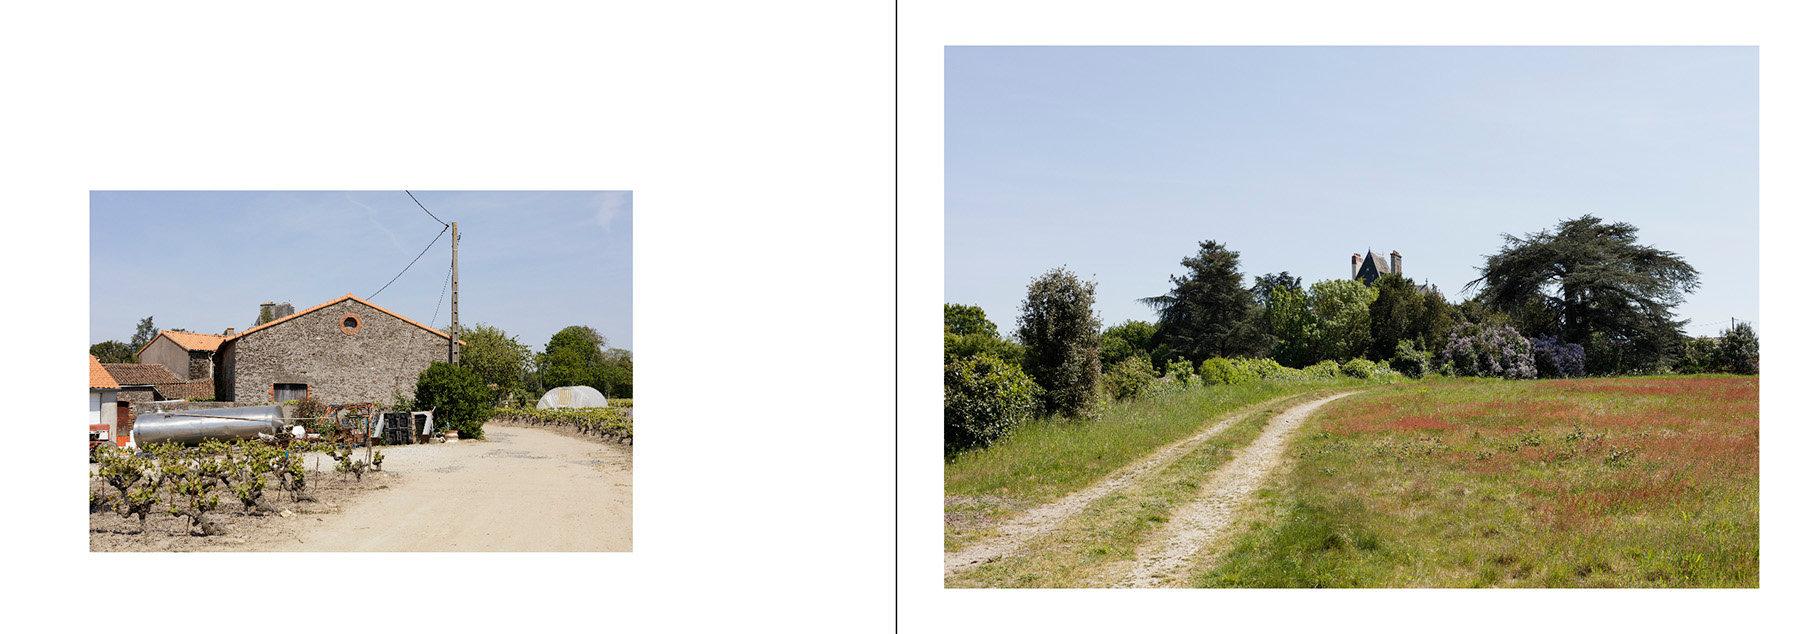 Le Loraux-Bottereau_Mauves-sur-Loire-page010 copie.jpg